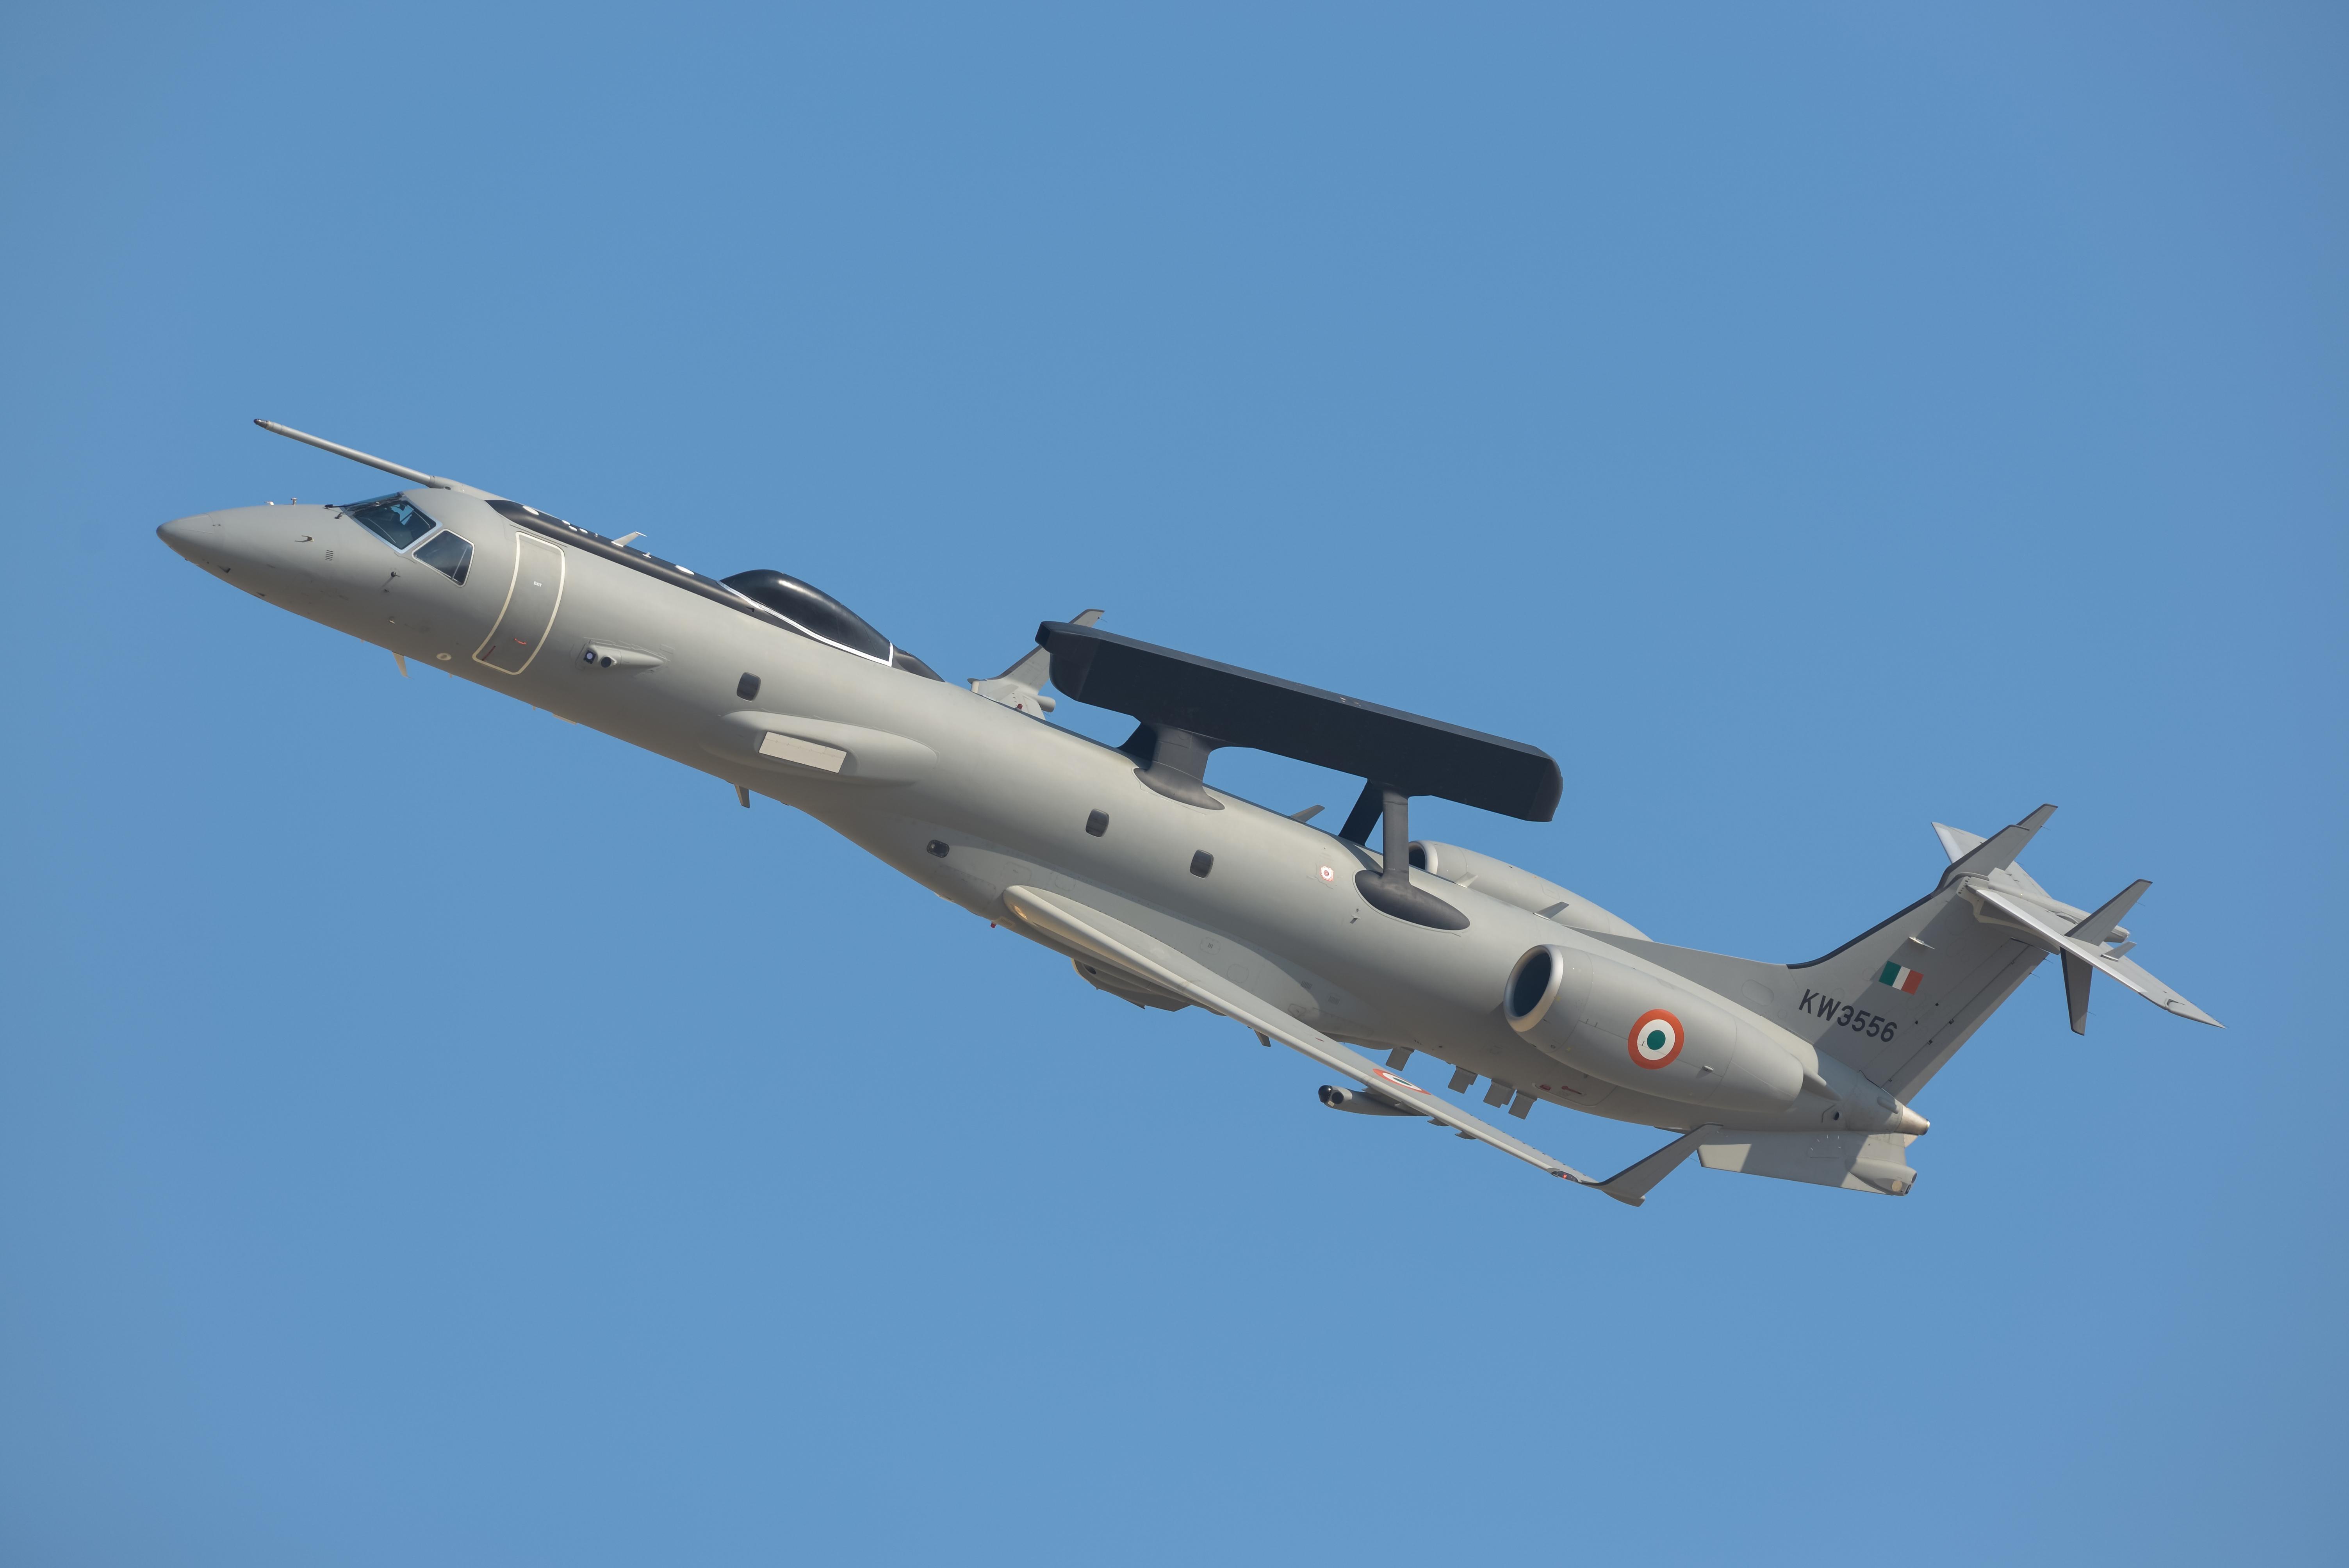 General 6016x4016 Indian Air Force DRDO AEW&CS aircraft